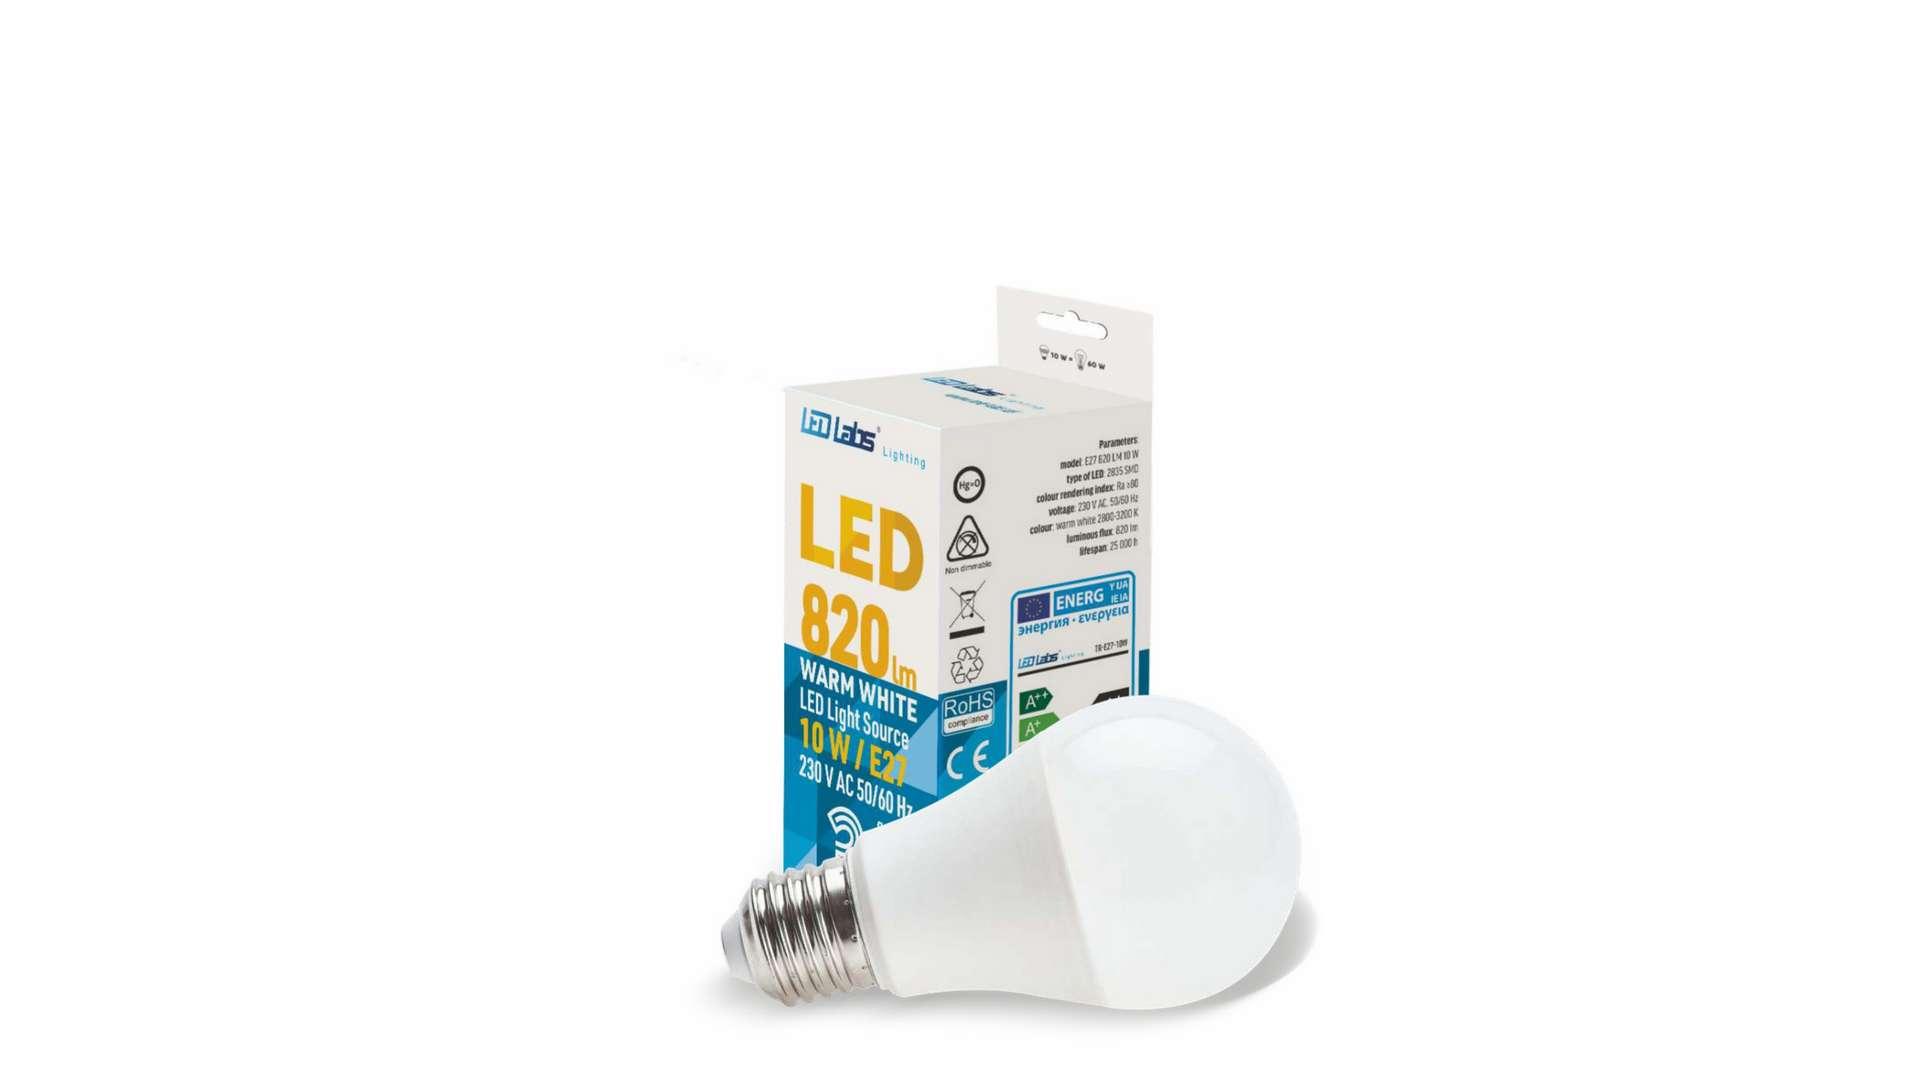 LED source E27 10W A60 Warm white